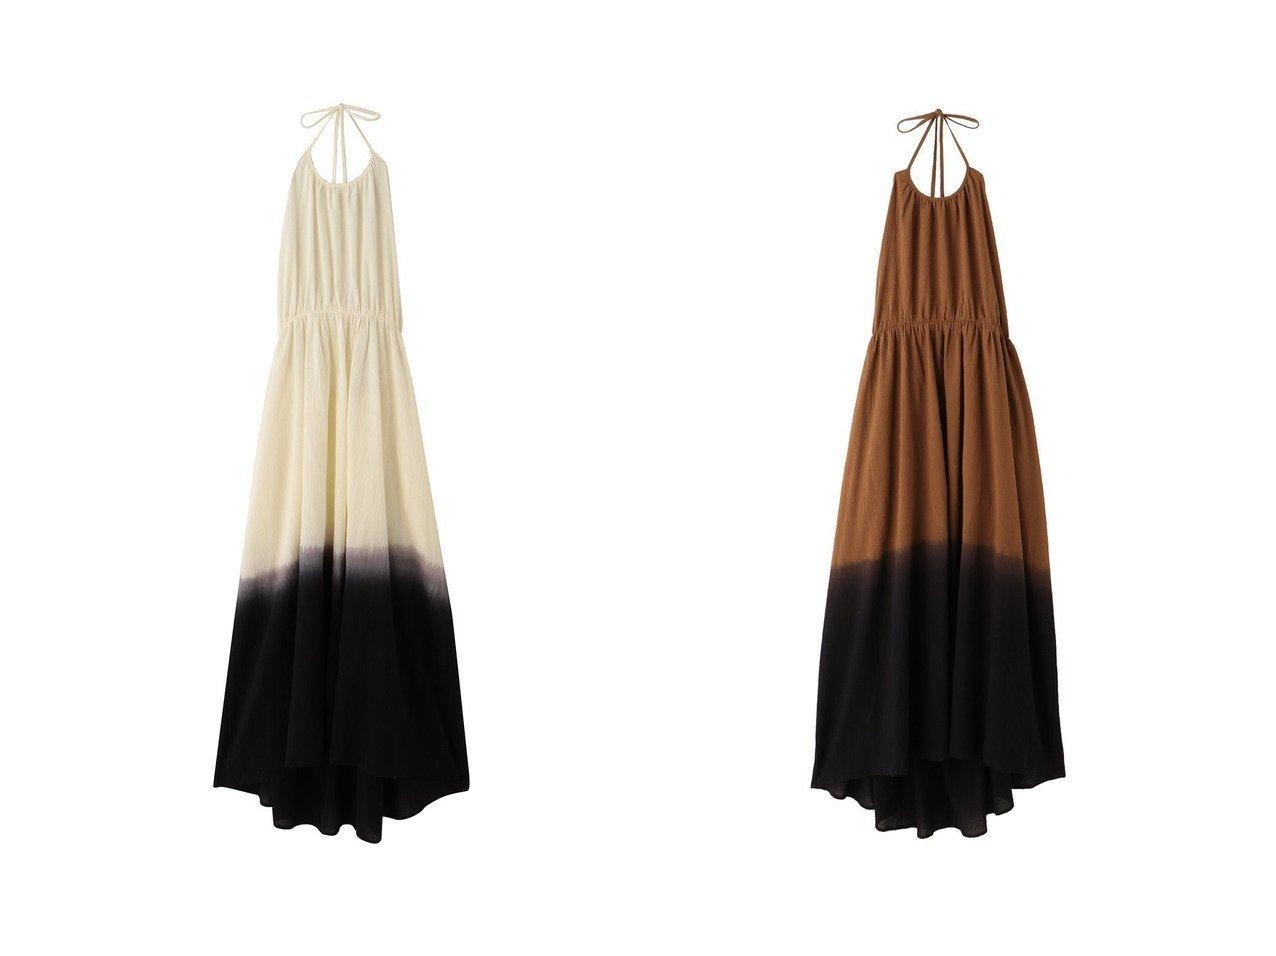 【ETRE TOKYO/エトレトウキョウ】のステップダイホルターワンピース 【ワンピース・ドレス】おすすめ!人気、トレンド・レディースファッションの通販 おすすめで人気の流行・トレンド、ファッションの通販商品 インテリア・家具・メンズファッション・キッズファッション・レディースファッション・服の通販 founy(ファニー) https://founy.com/ ファッション Fashion レディースファッション WOMEN ワンピース Dress オリエンタル カットソー グラデーション ドレス ロング |ID:crp329100000048699